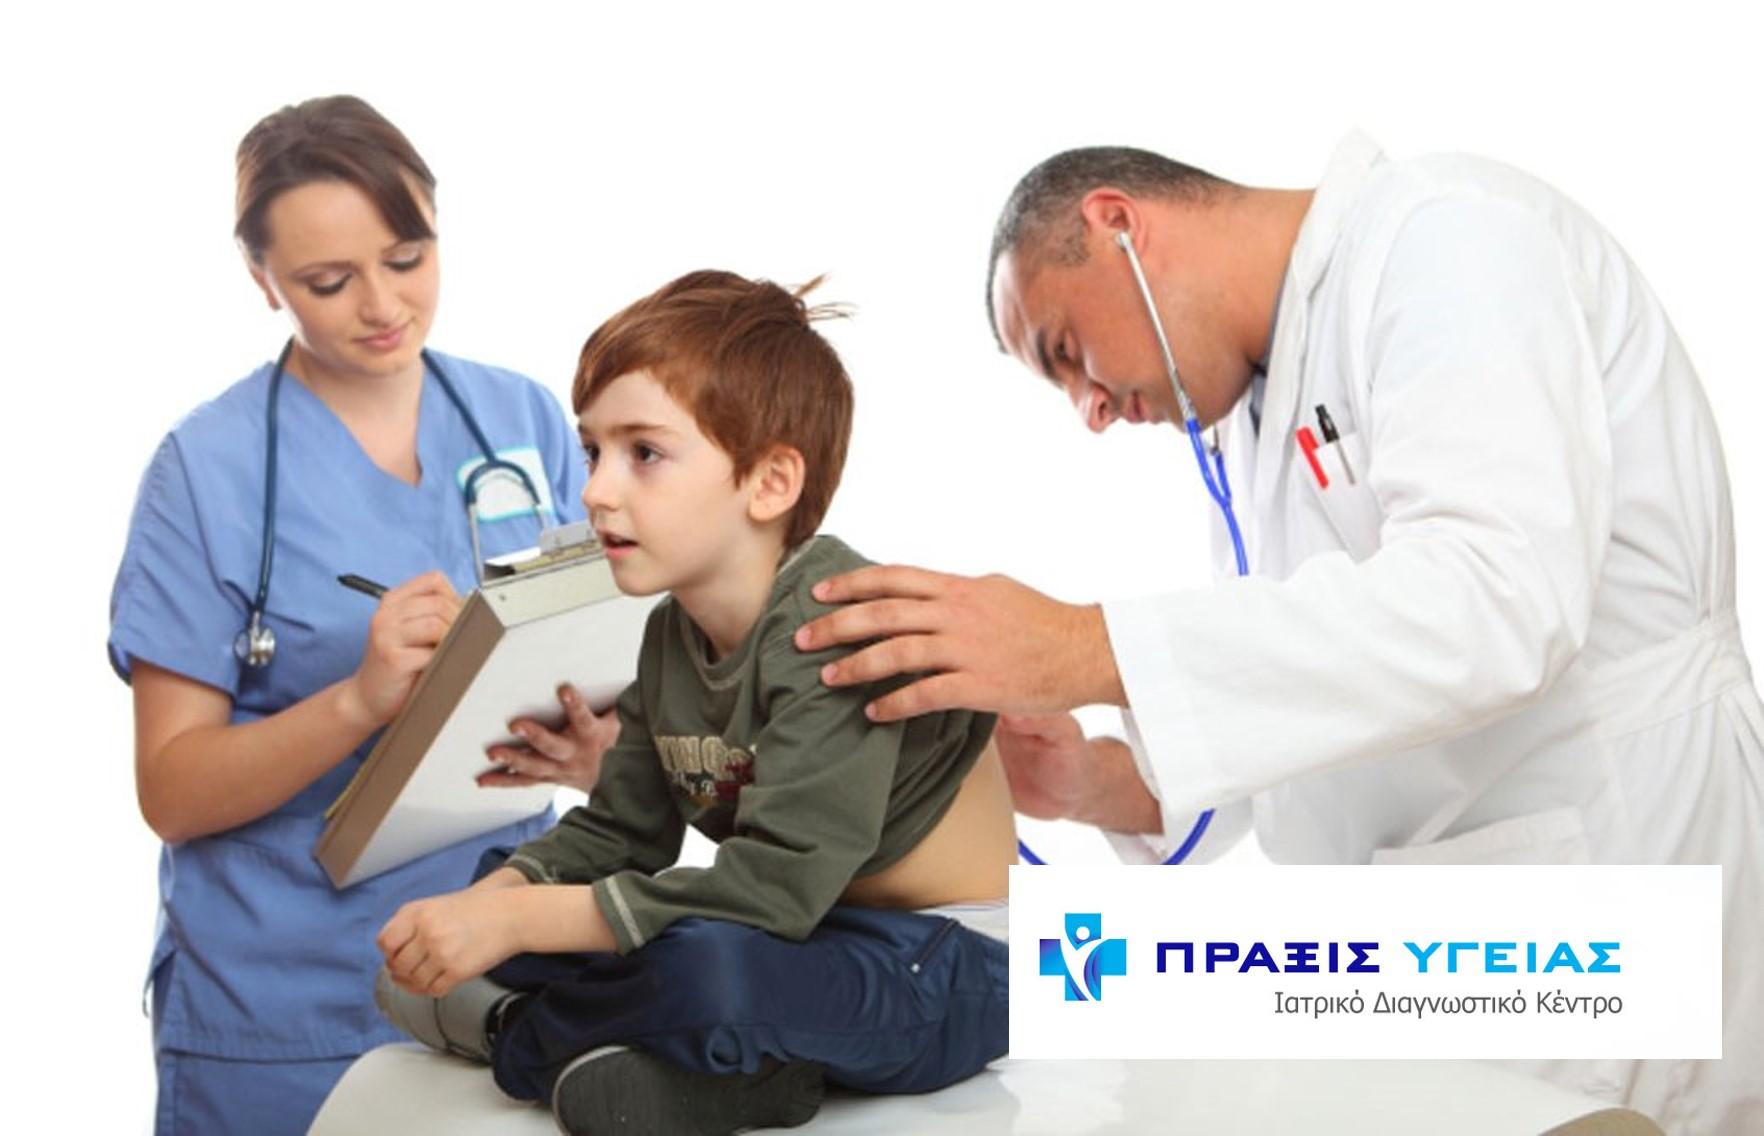 25€ από 60€ για Παιδιατρική εξέταση και Εμβολιασμό από παιδίατρο, στο υπερσύχρονο ιατρικό κέντρο ''ΠΡΑΞΙΣ ΥΓΕΙΑΣ'' στο Χαλάνδρι εικόνα